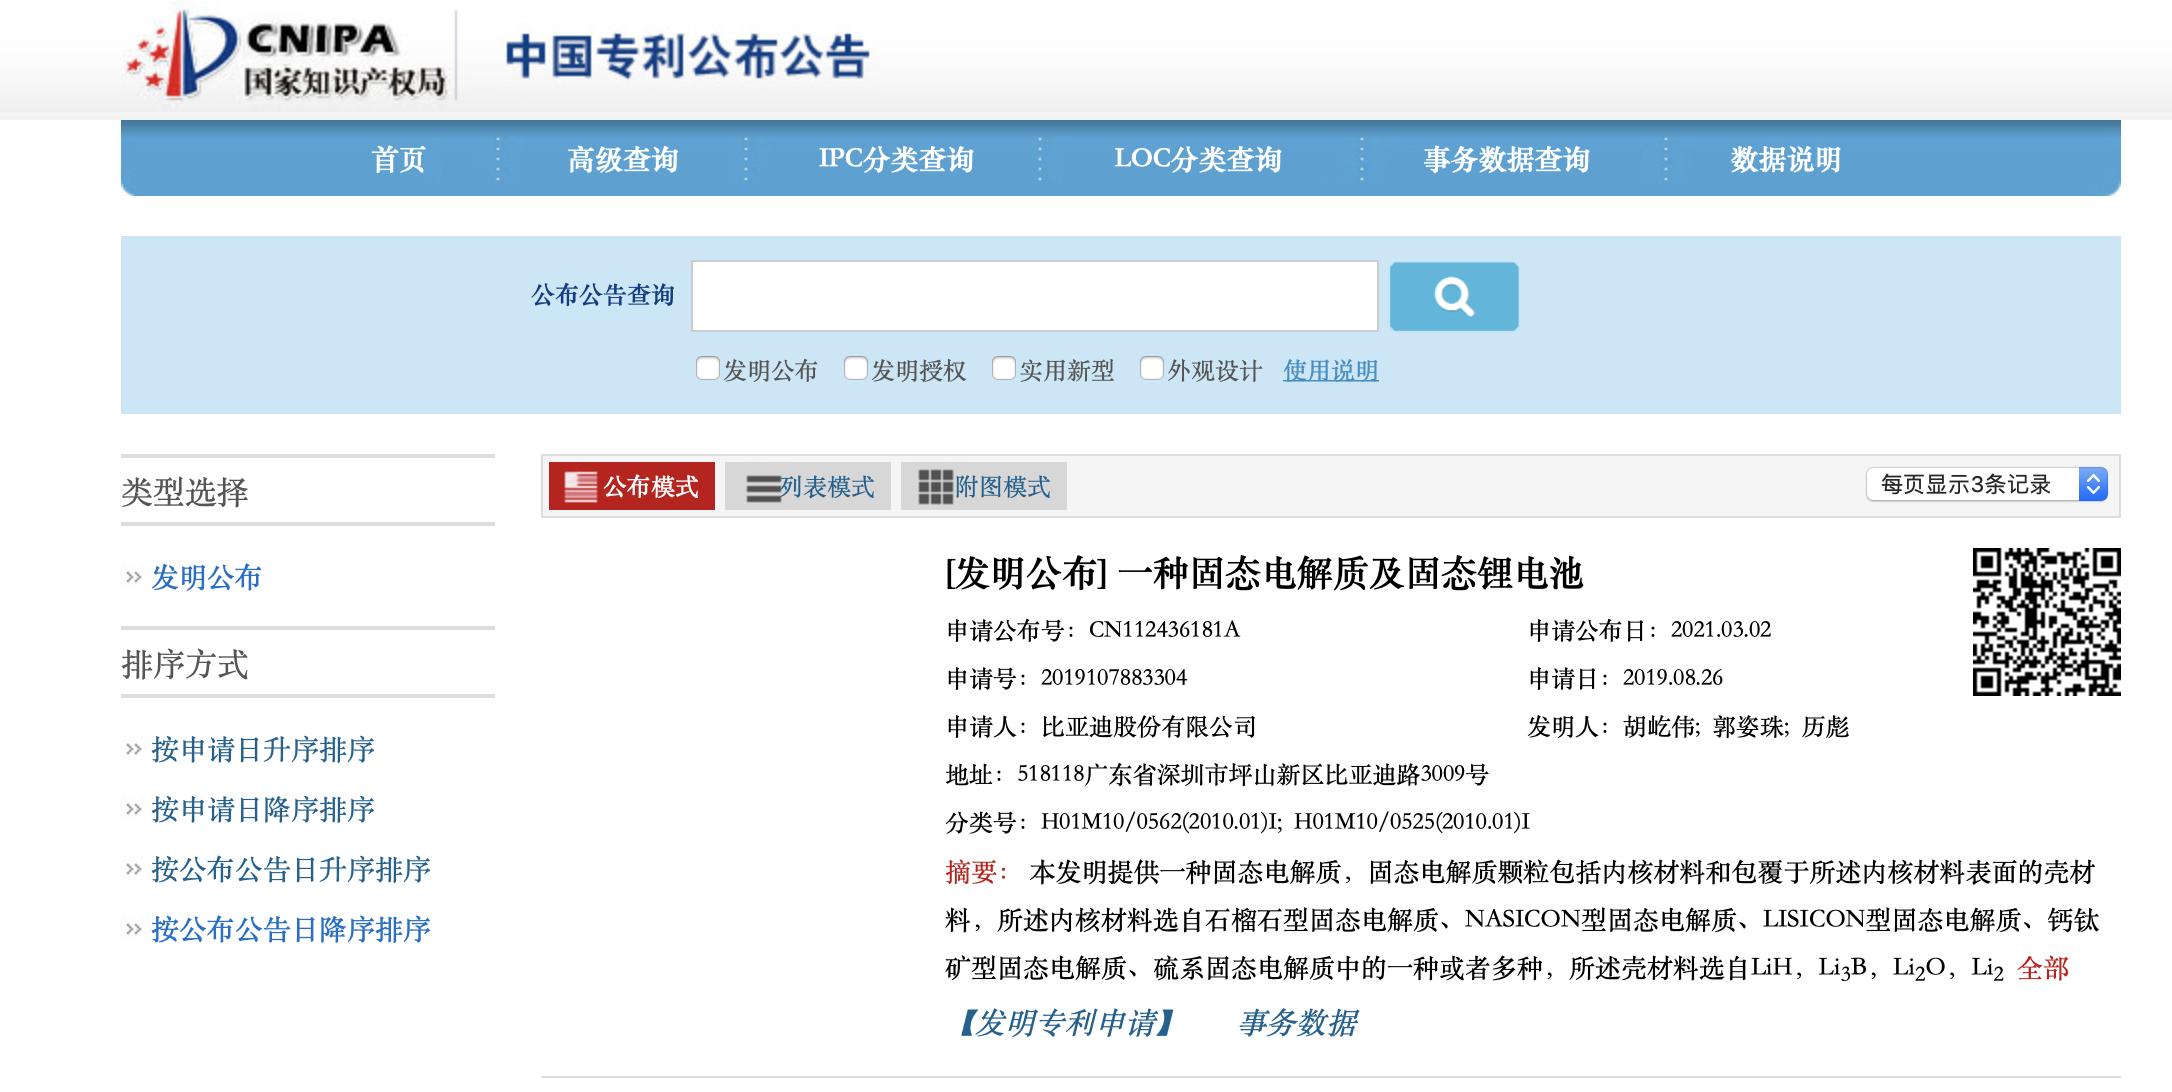 """比亚迪公开""""一种固态电解质及固态锂电池""""专利"""